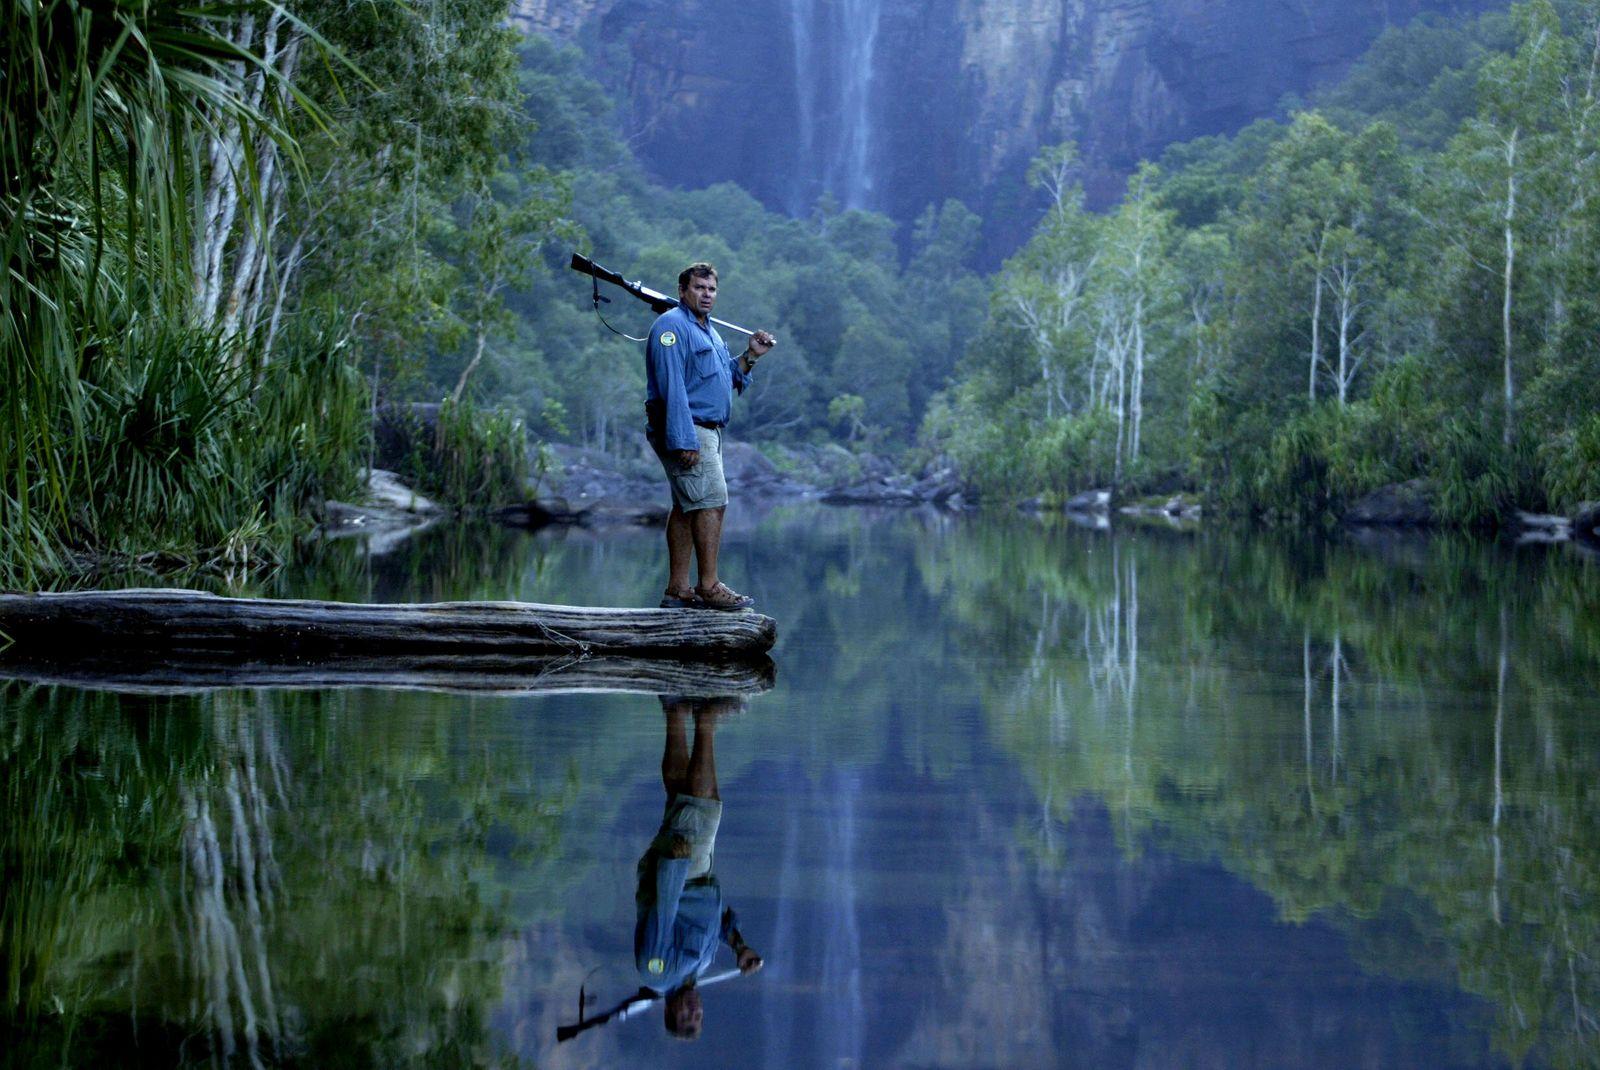 Kakadu park Ranger Garry Lindner at Jim Jim Falls, a popular tourist attraction